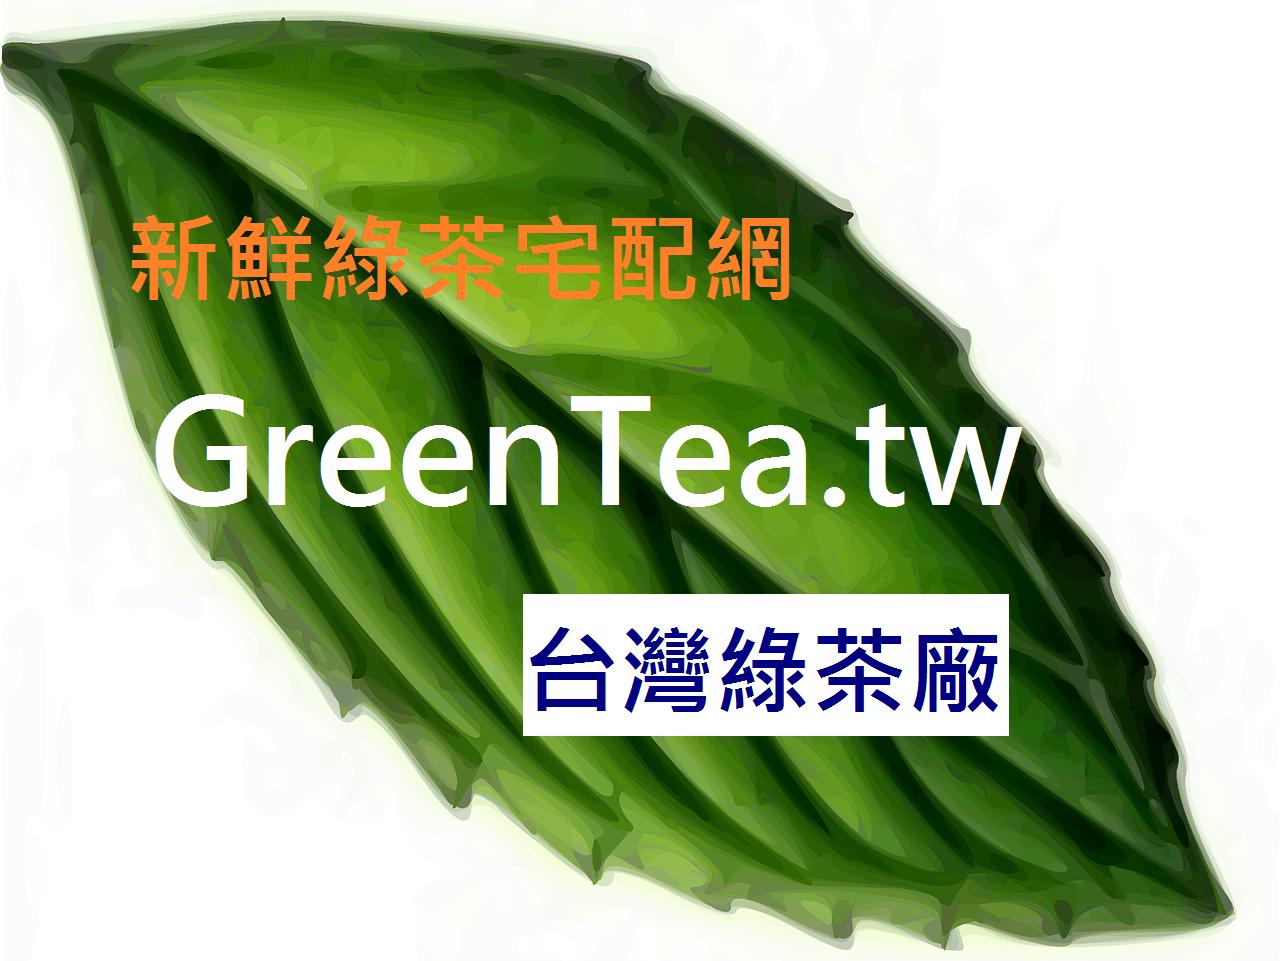 台灣綠茶廠 l 新鮮綠茶棧